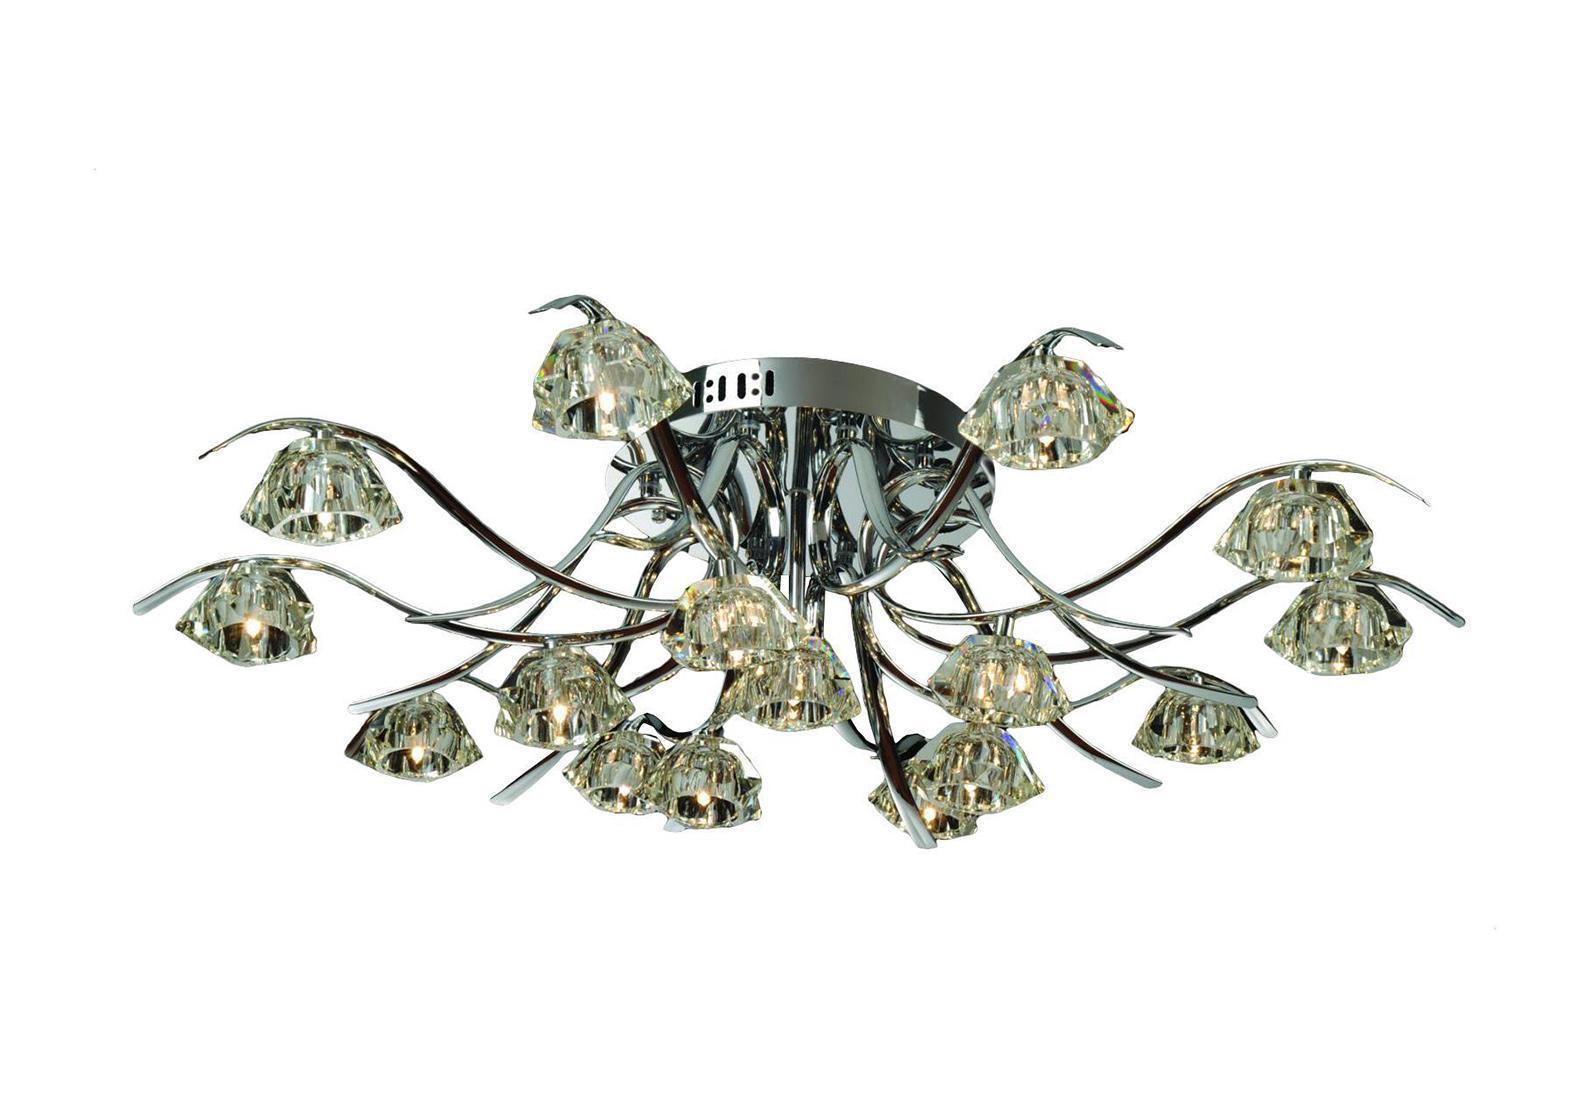 Светильник потолочный ST Luce, подвесной. SL205.102.16SL205.102.16Жизнь современного человека не представляется возможной без света, а роскошную, элегантную комнату обязательно должны украшать модные и стильные светильники. При помощи различных источников света можно выразительно и ярко подчеркнуть выигрышные элементы дизайнерского оформления комнаты или же, наоборот, затемнить и скрыть какие-либо детали. Кроме того, точечные светильники создадут особую атмосферу и настроение в интерьере.